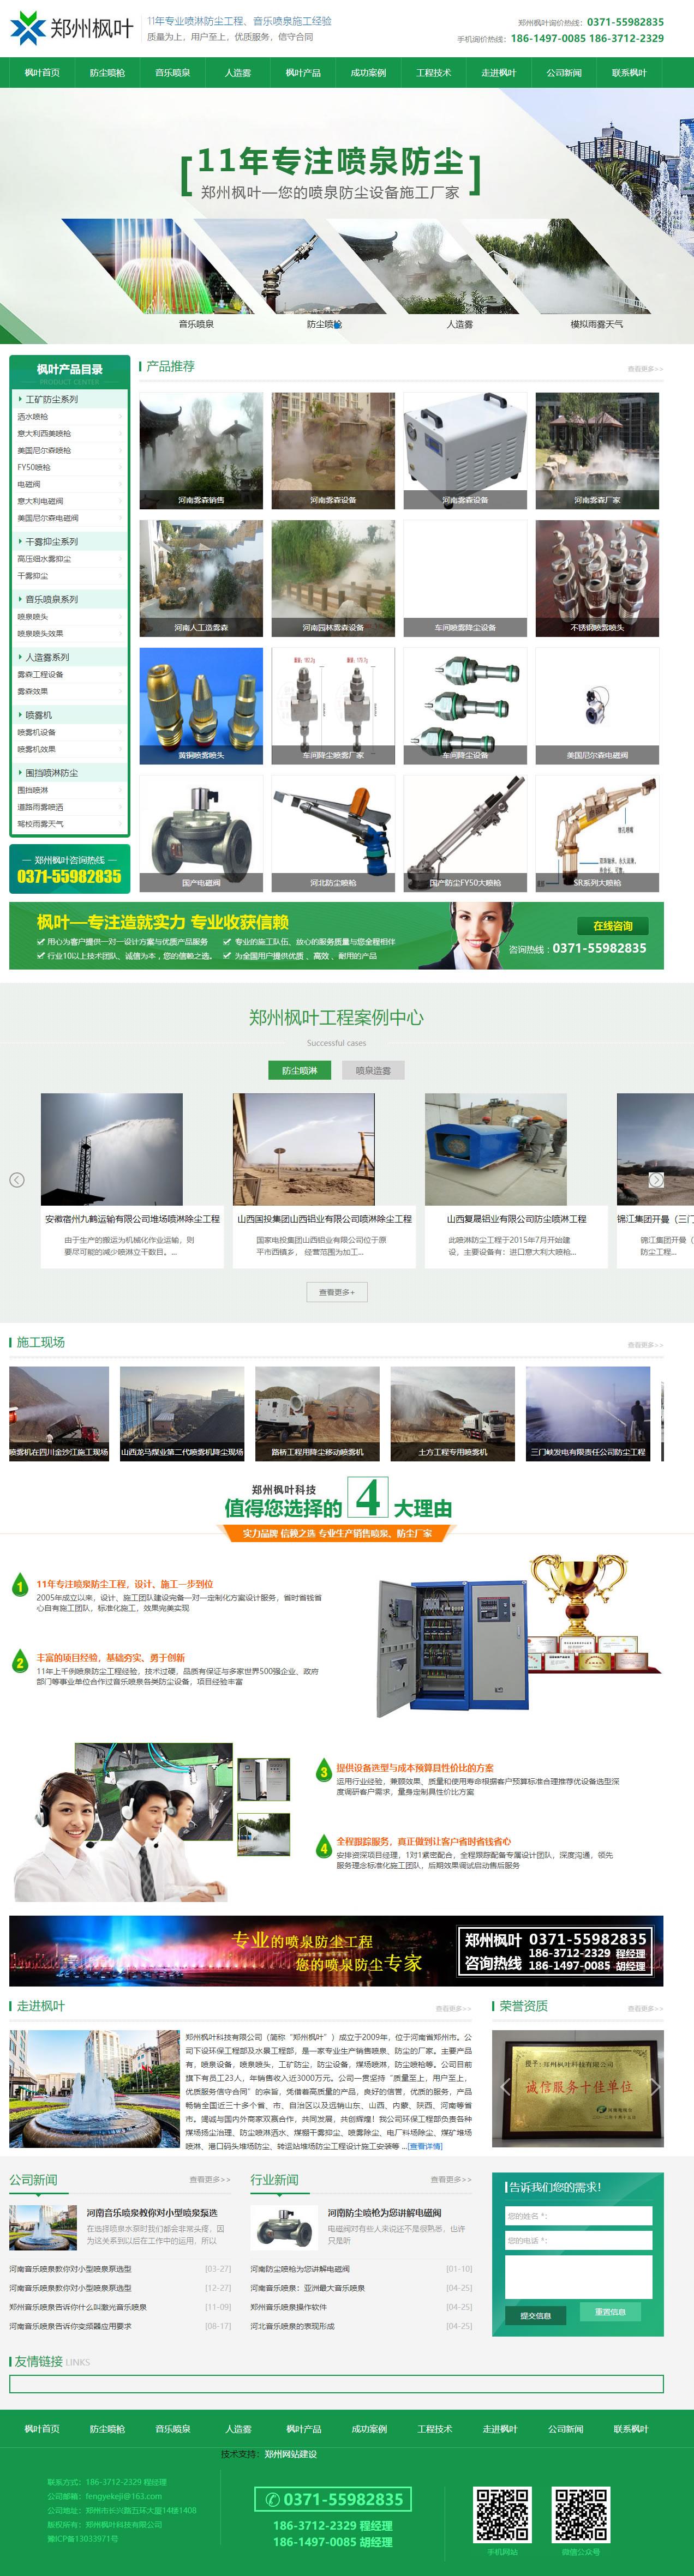 郑州枫叶科技有限公司网站效果图